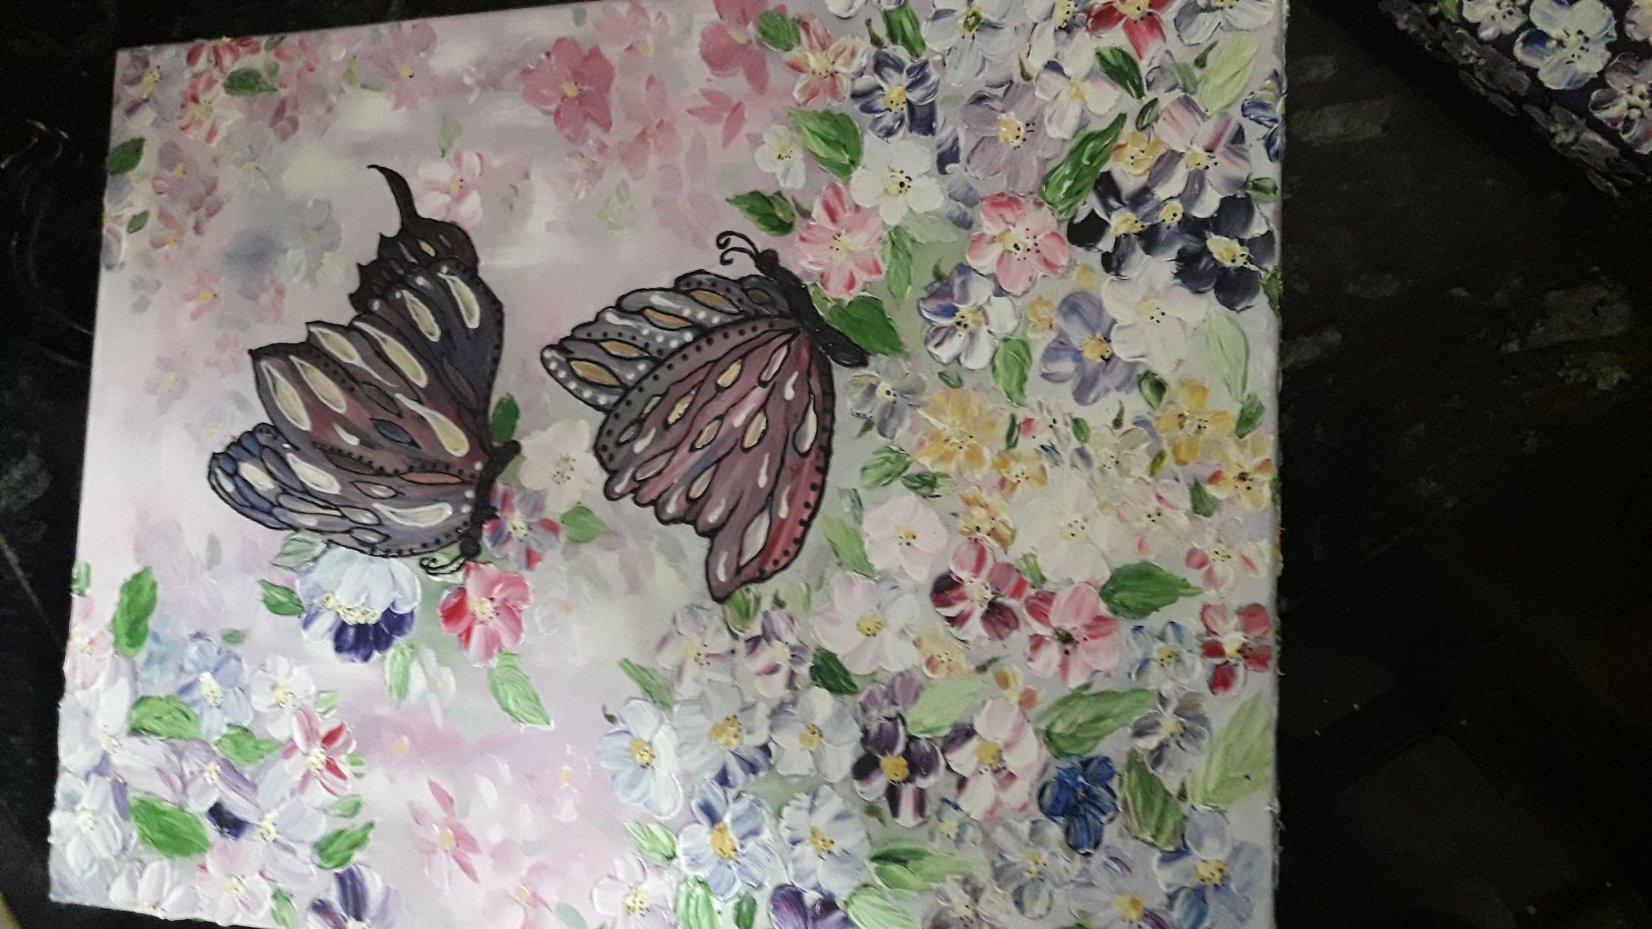 Mariposas entre flores (2017) - Ouafa Sidfi